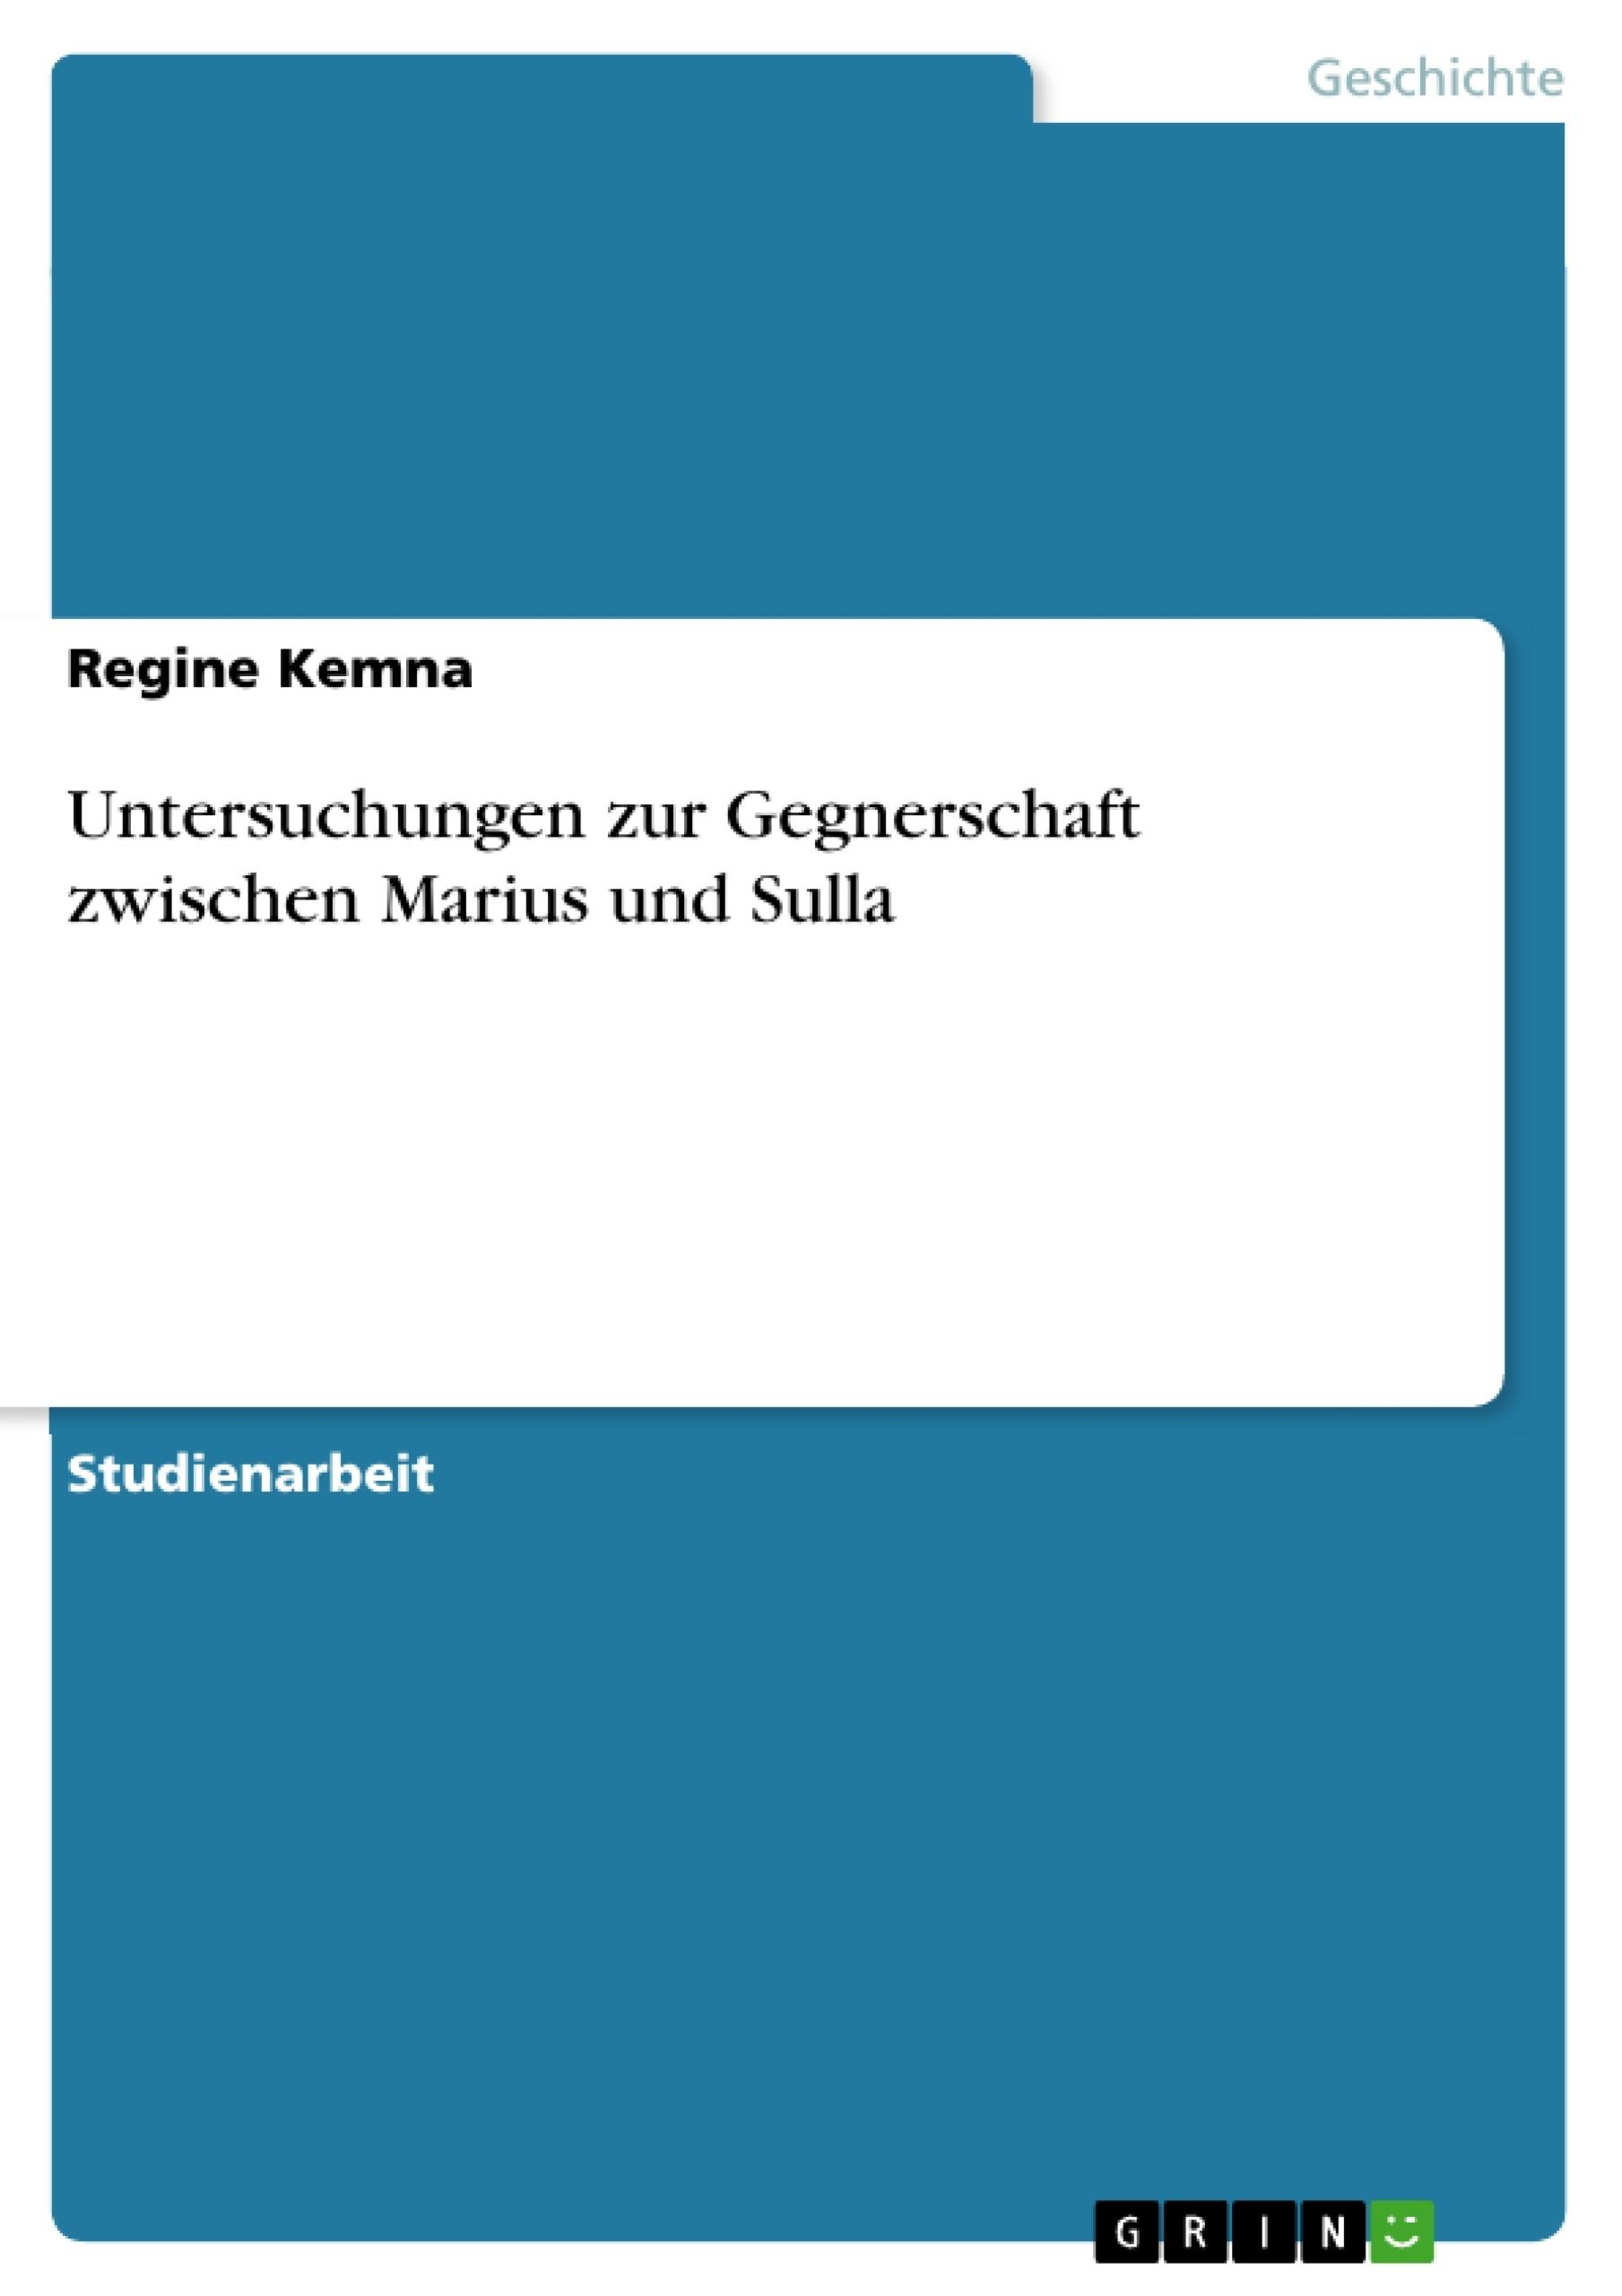 Titel: Untersuchungen zur Gegnerschaft zwischen Marius und Sulla